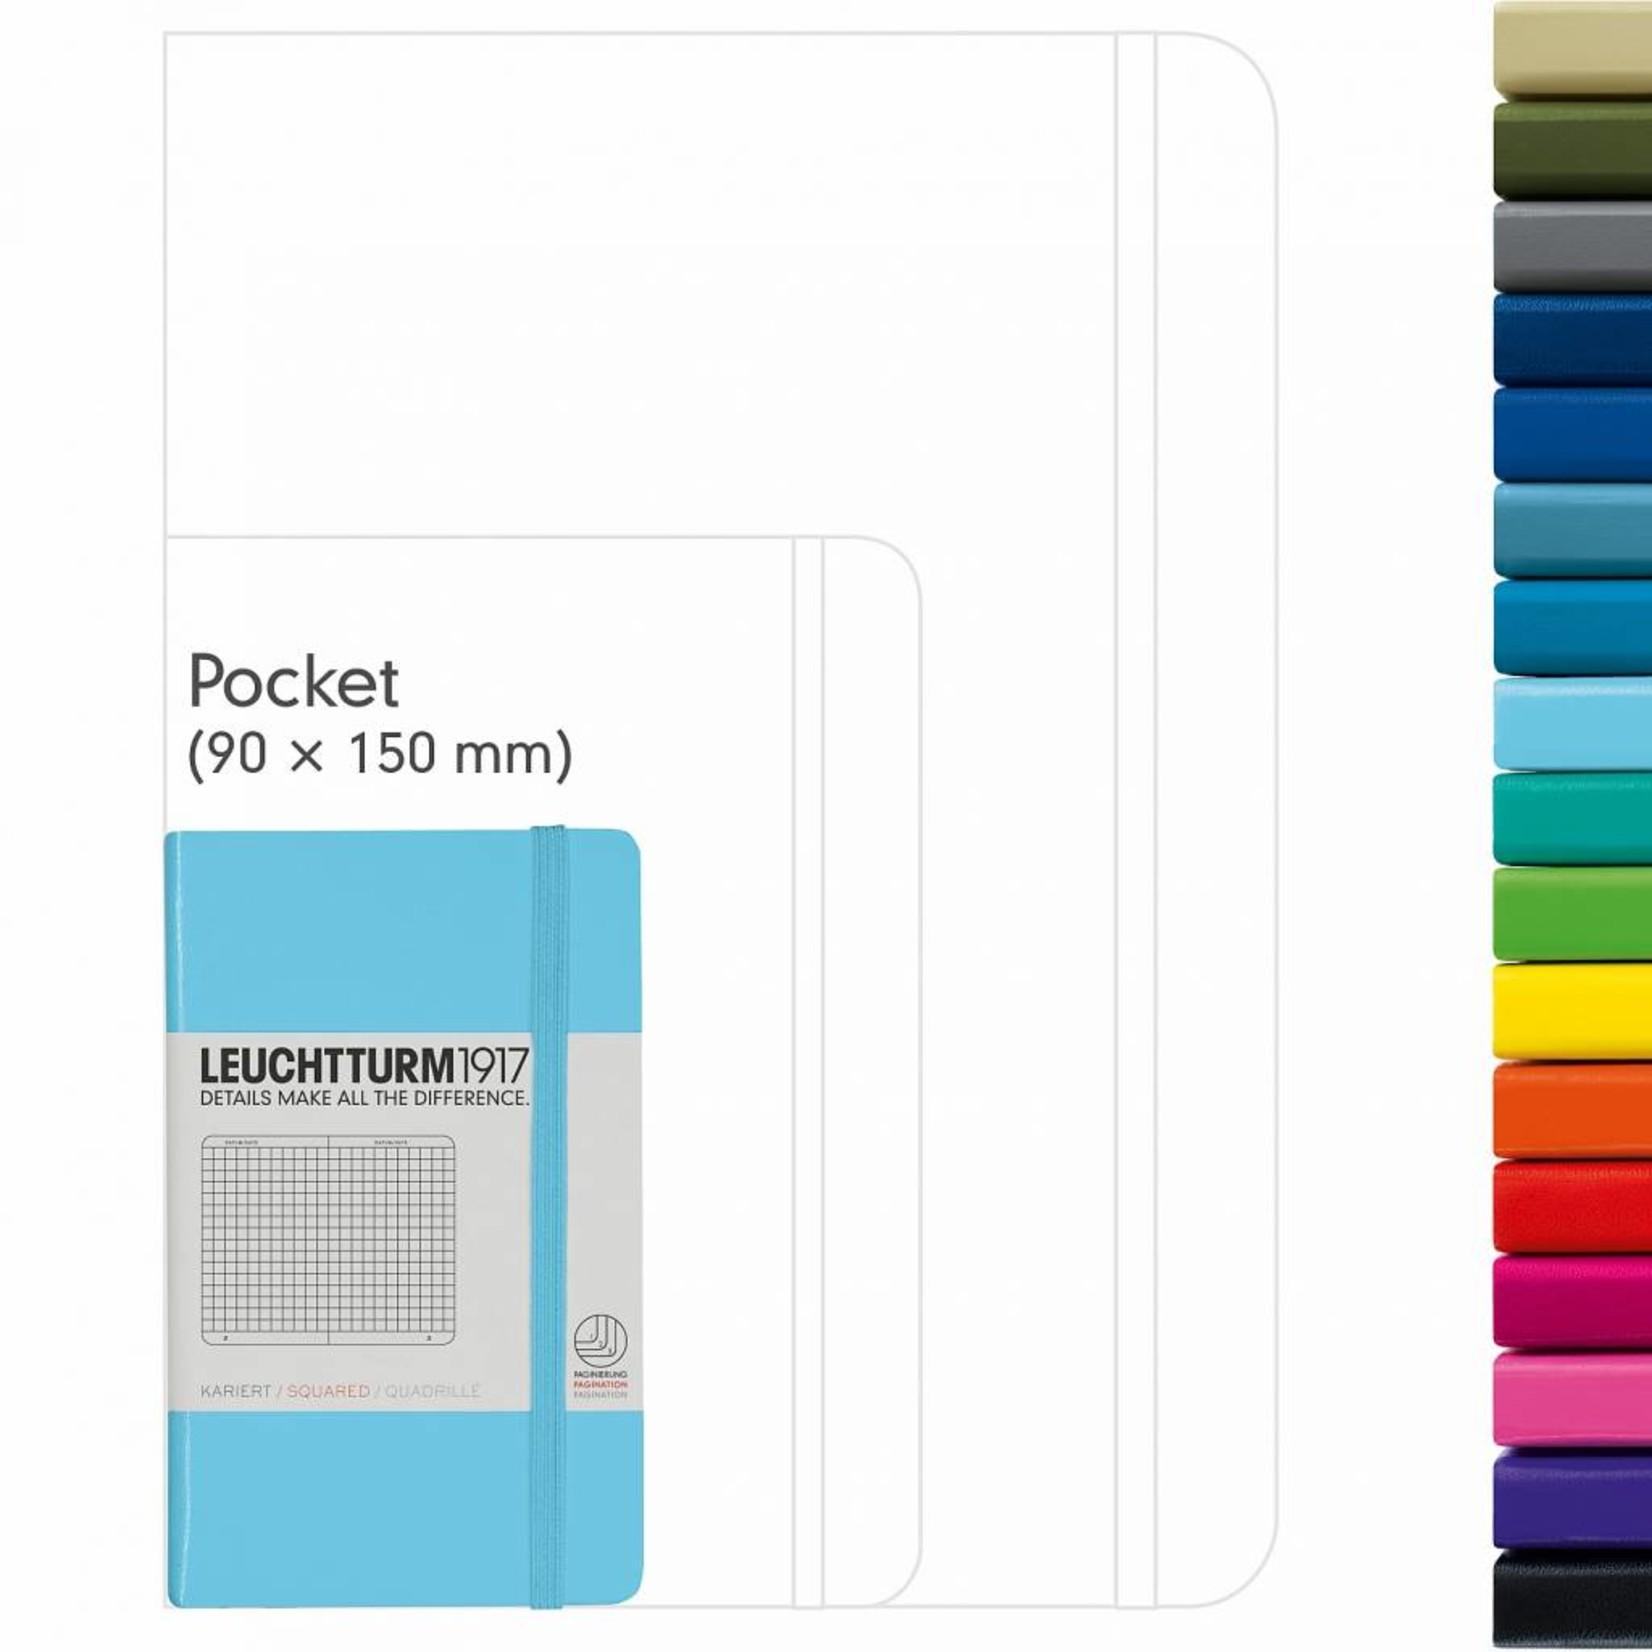 Leuchtturm1917 Leuchtturm1917 Notizbuch, Pocket, Marine, Liniert